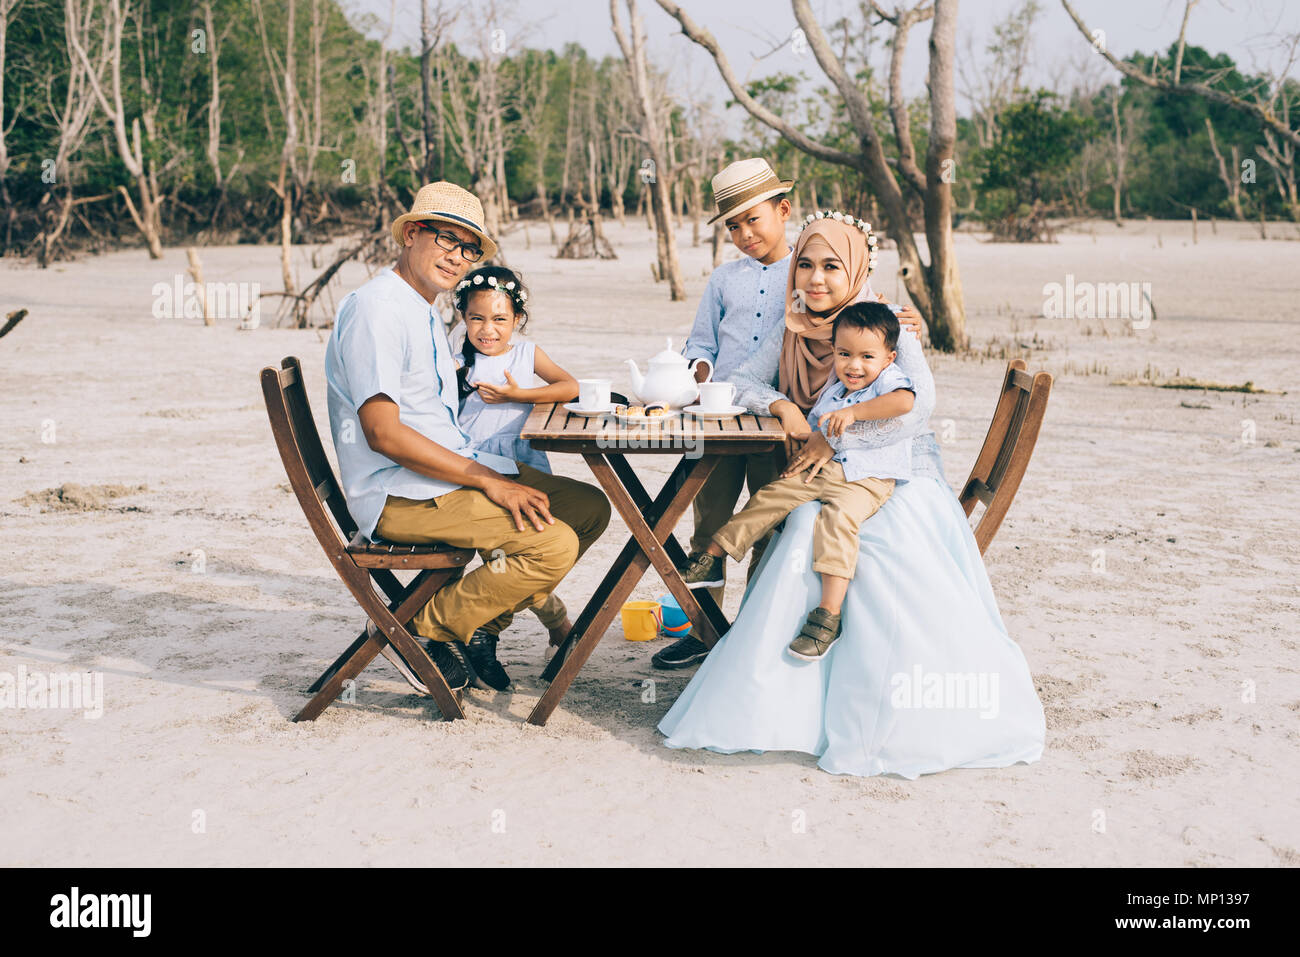 Felice famiglia asiatica avente un buon momento di felicità picnic all'aperto. famiglia,l'amore e il concetto di relazione Immagini Stock